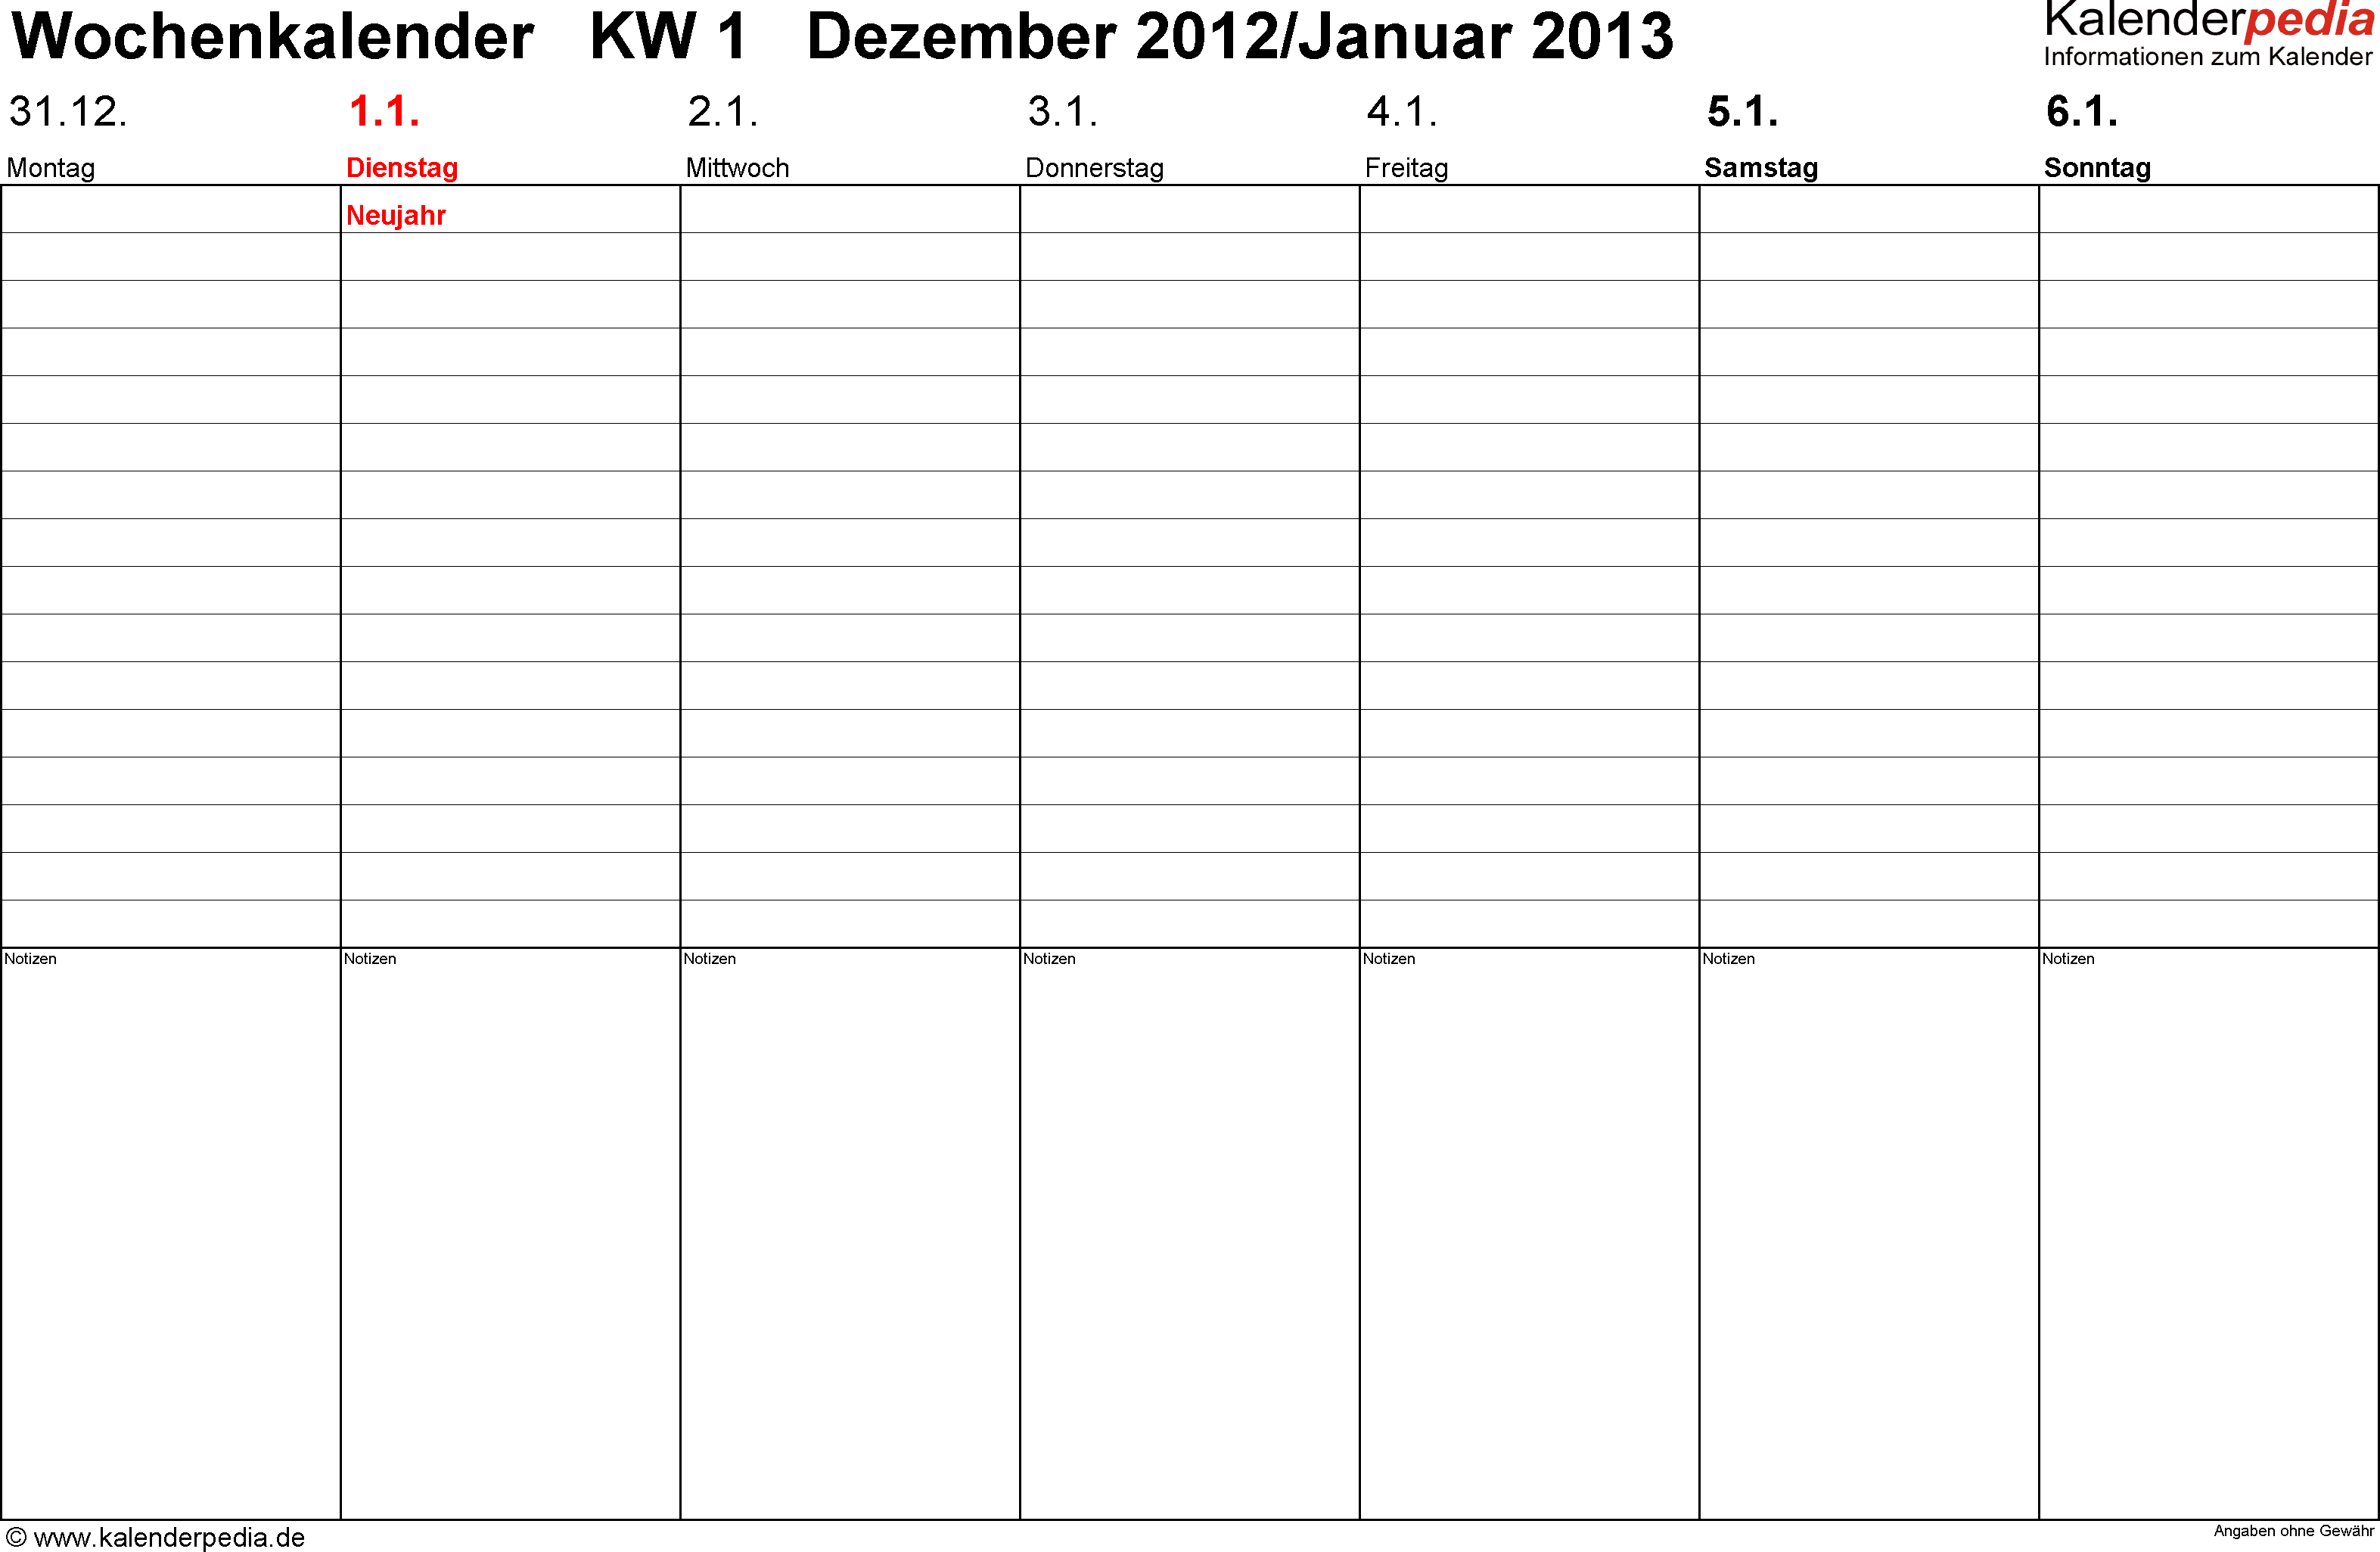 Vorlage 2: Wochenkalender 2013 als Word-Vorlage, Querformat, Tage nebeneinander, 53 Seiten (1 Woche auf 1 Seite)